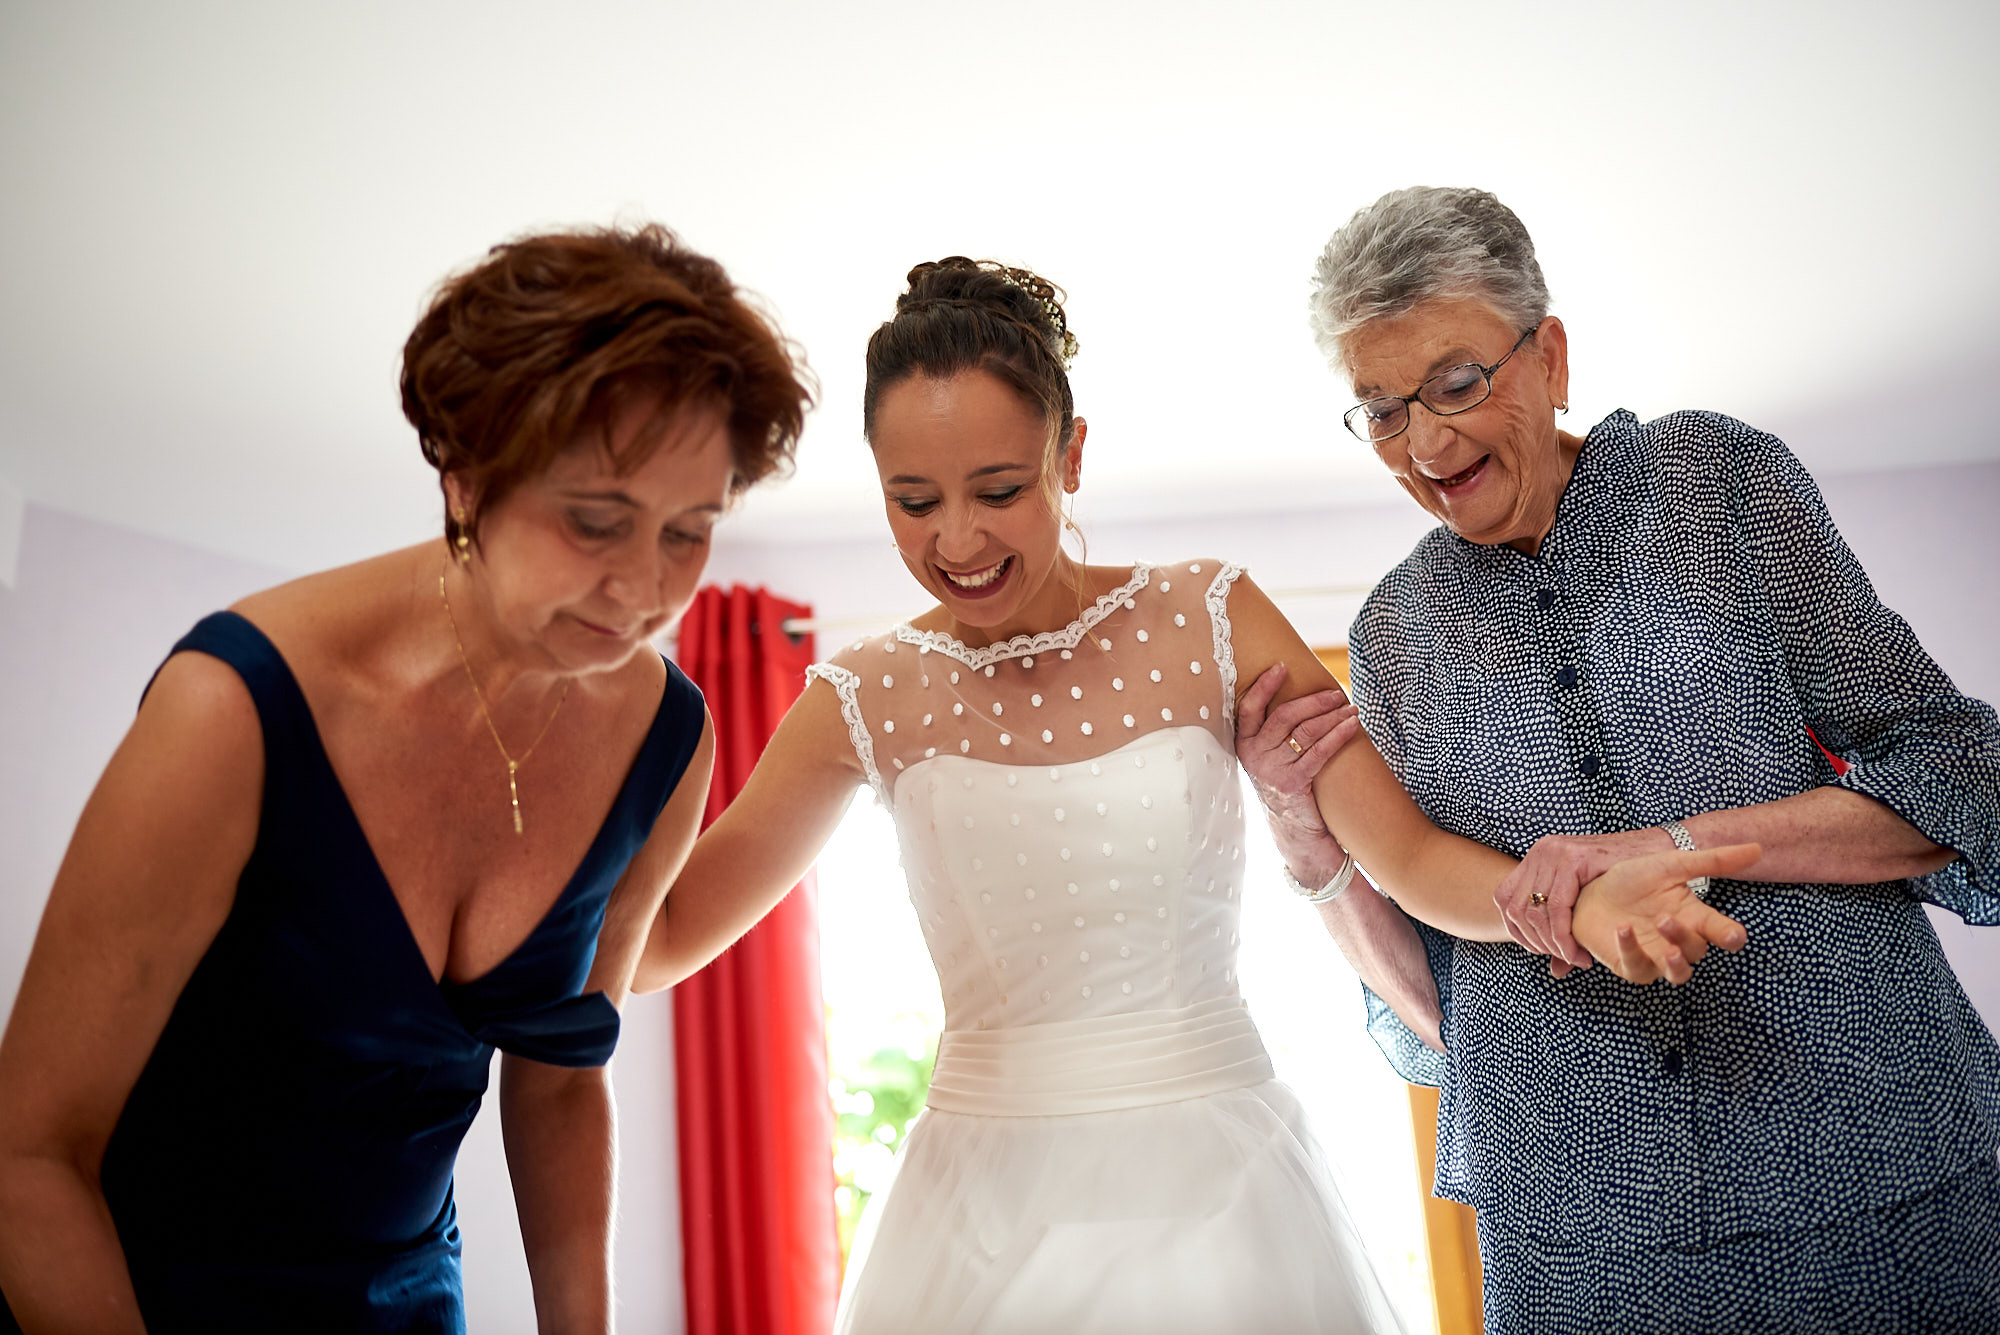 L'habillage - Mariage en Auvergne au château de Miremont | Lison et Fabien | Photographe de mariage à Clermont-Ferrand